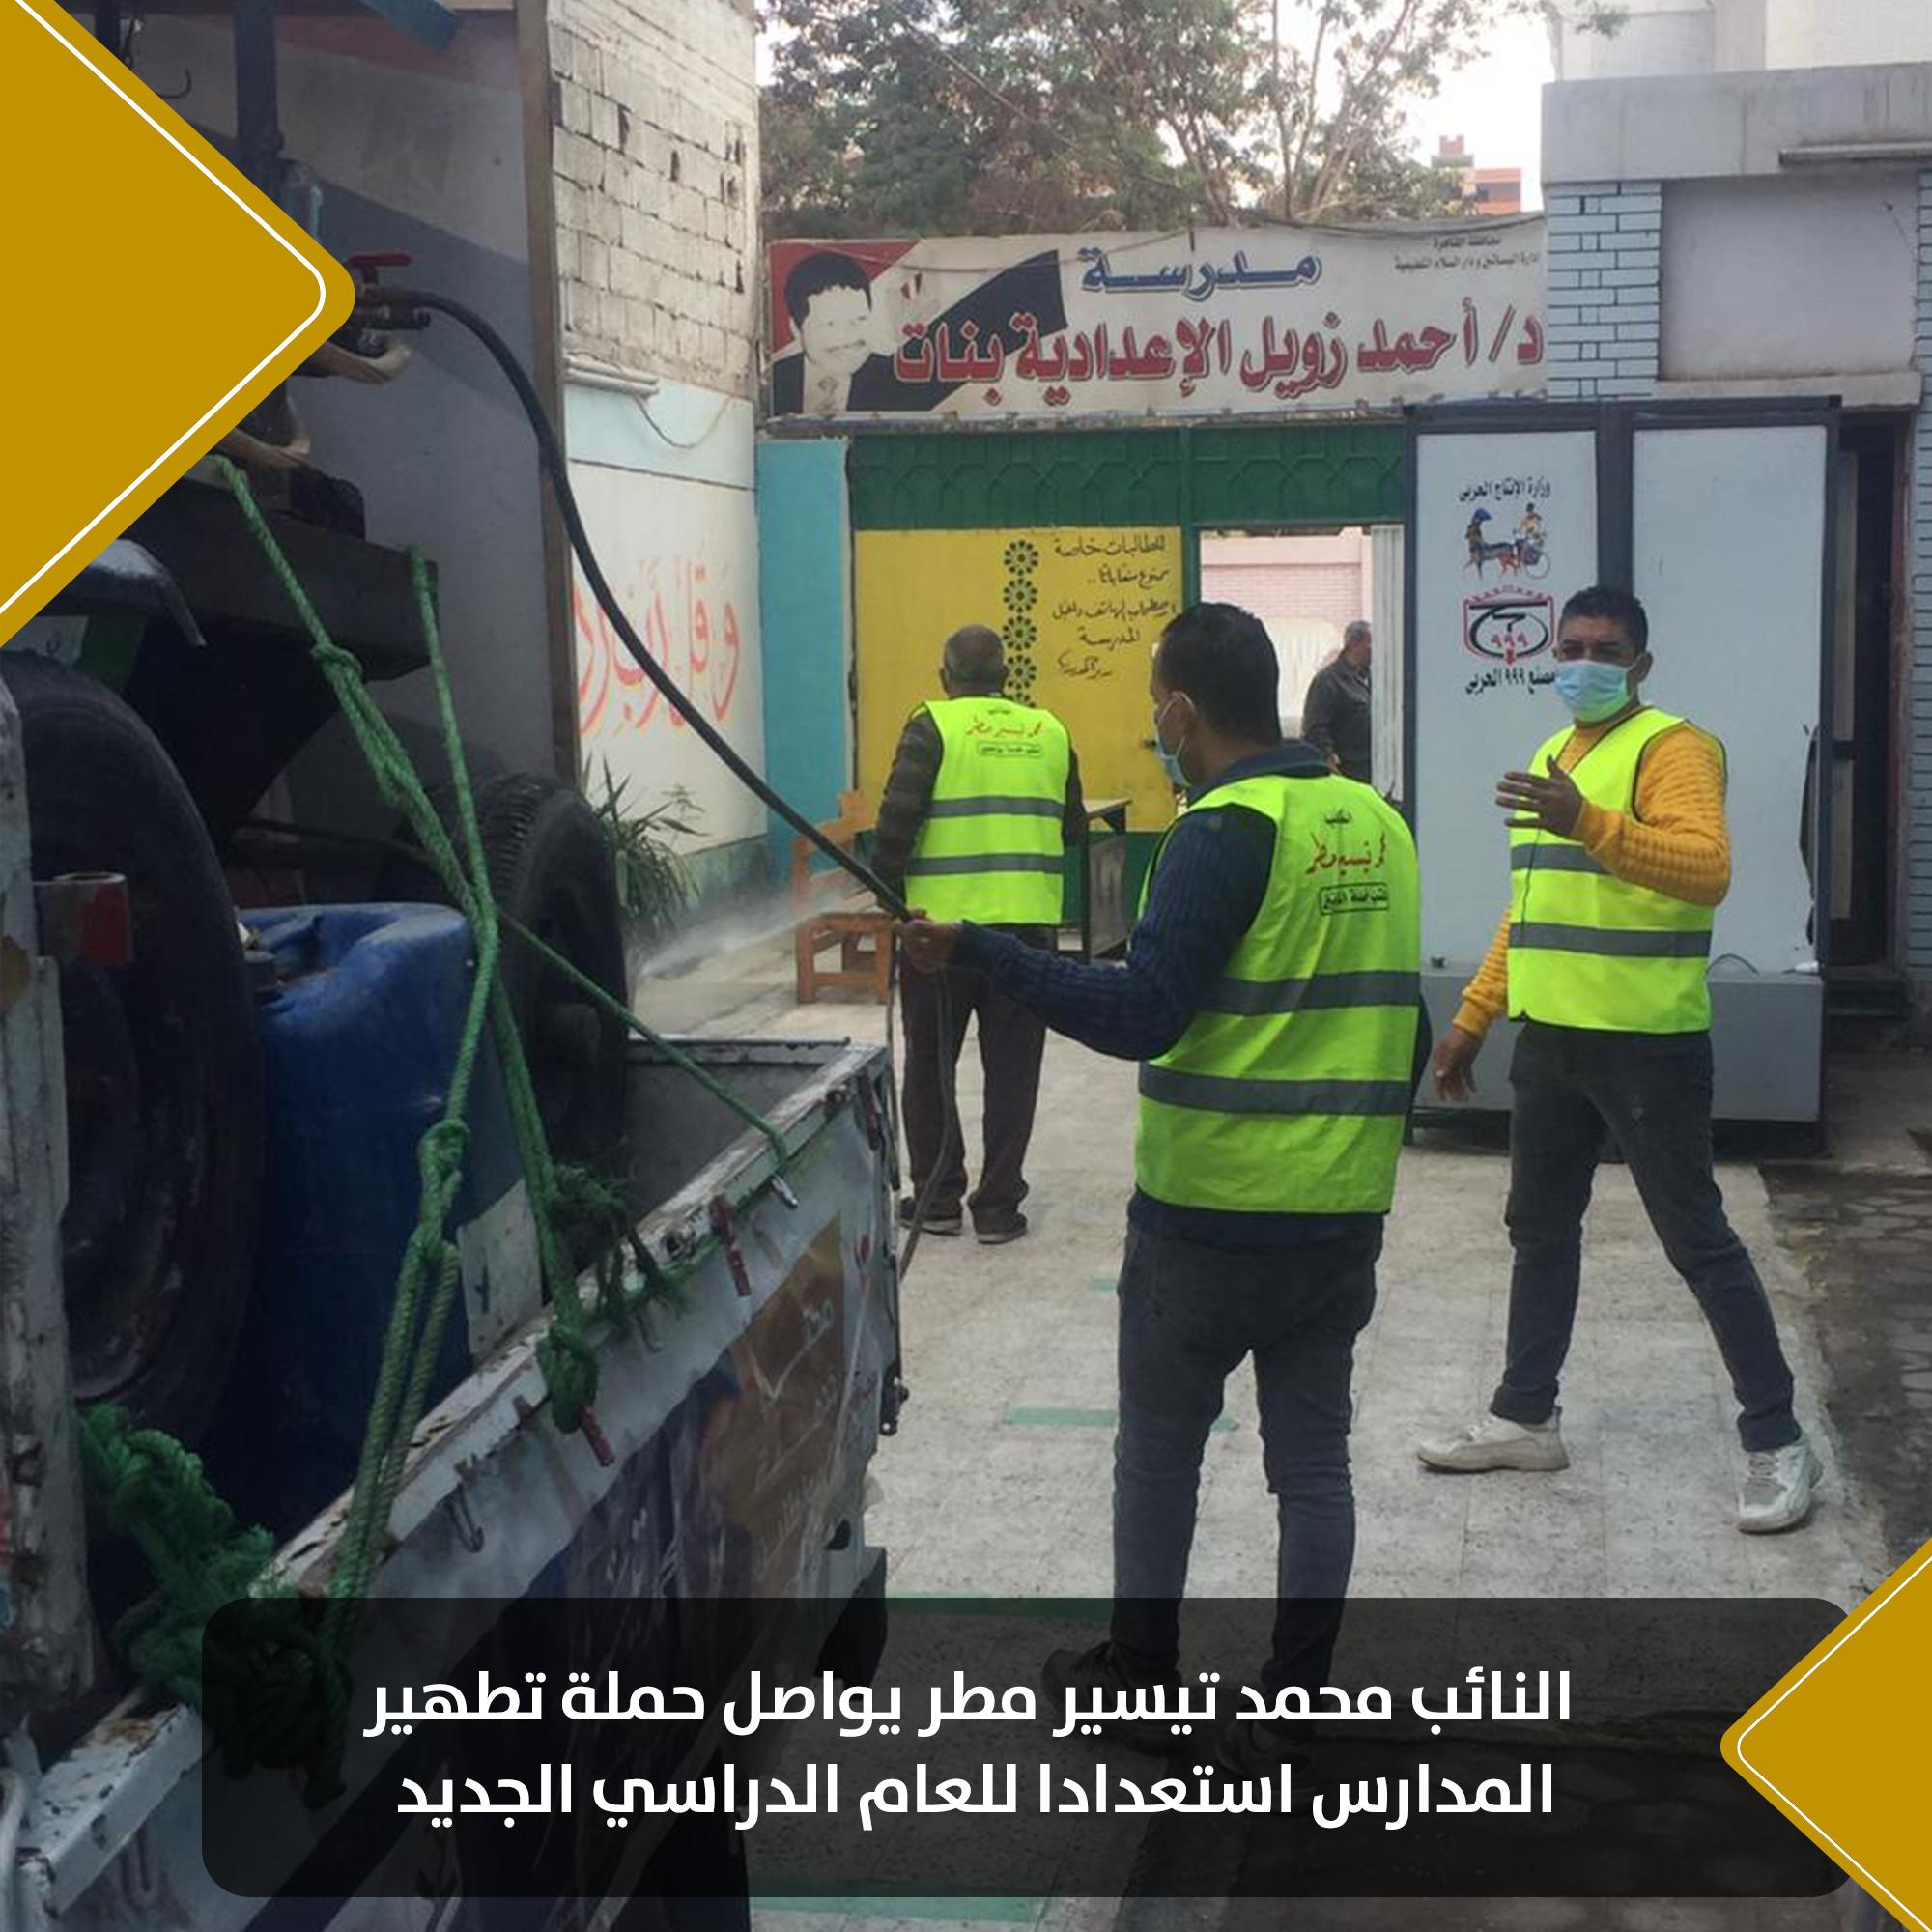 النائب محمد تيسير مطر يواصل حملة تطهير المدارسس (20)